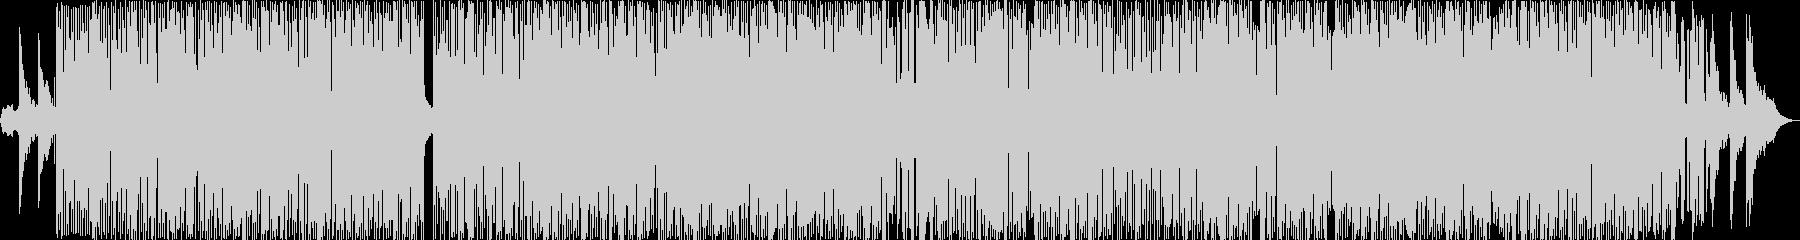 インストディープハウスの未再生の波形